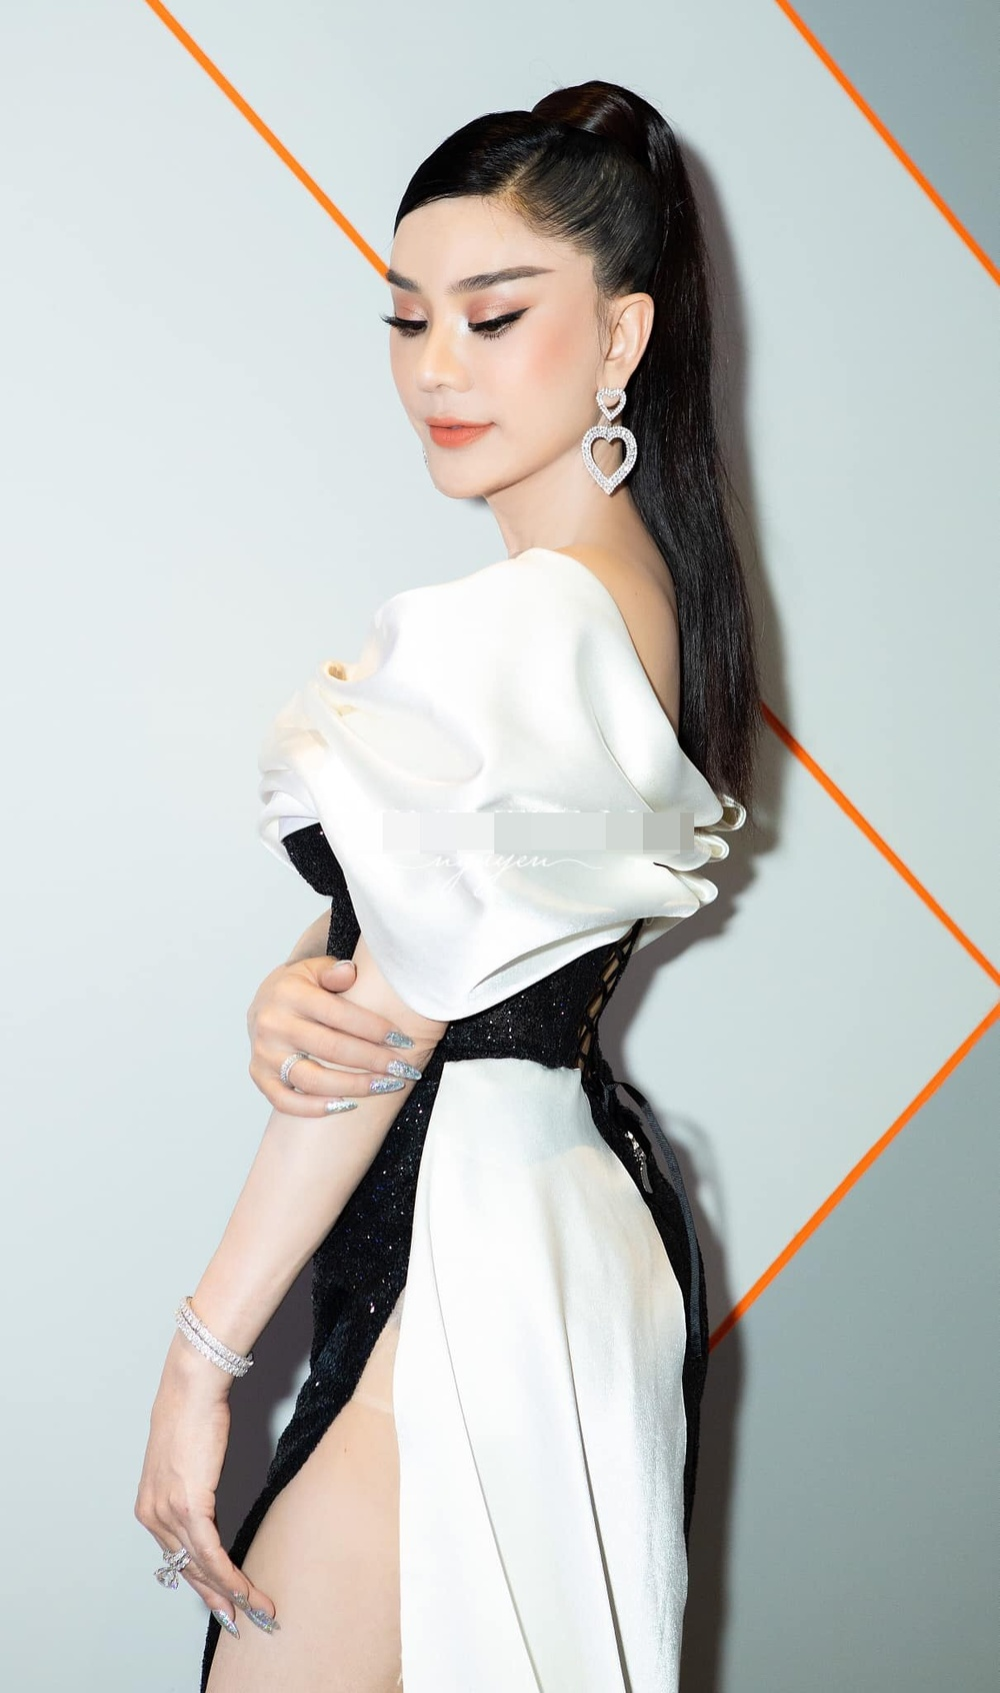 Lâm Khánh Chi mặc đầm xẻ đến hông, xinh đẹp rạng rỡ đạp tan tin đồn chỉnh sửa nát mặt Ảnh 3